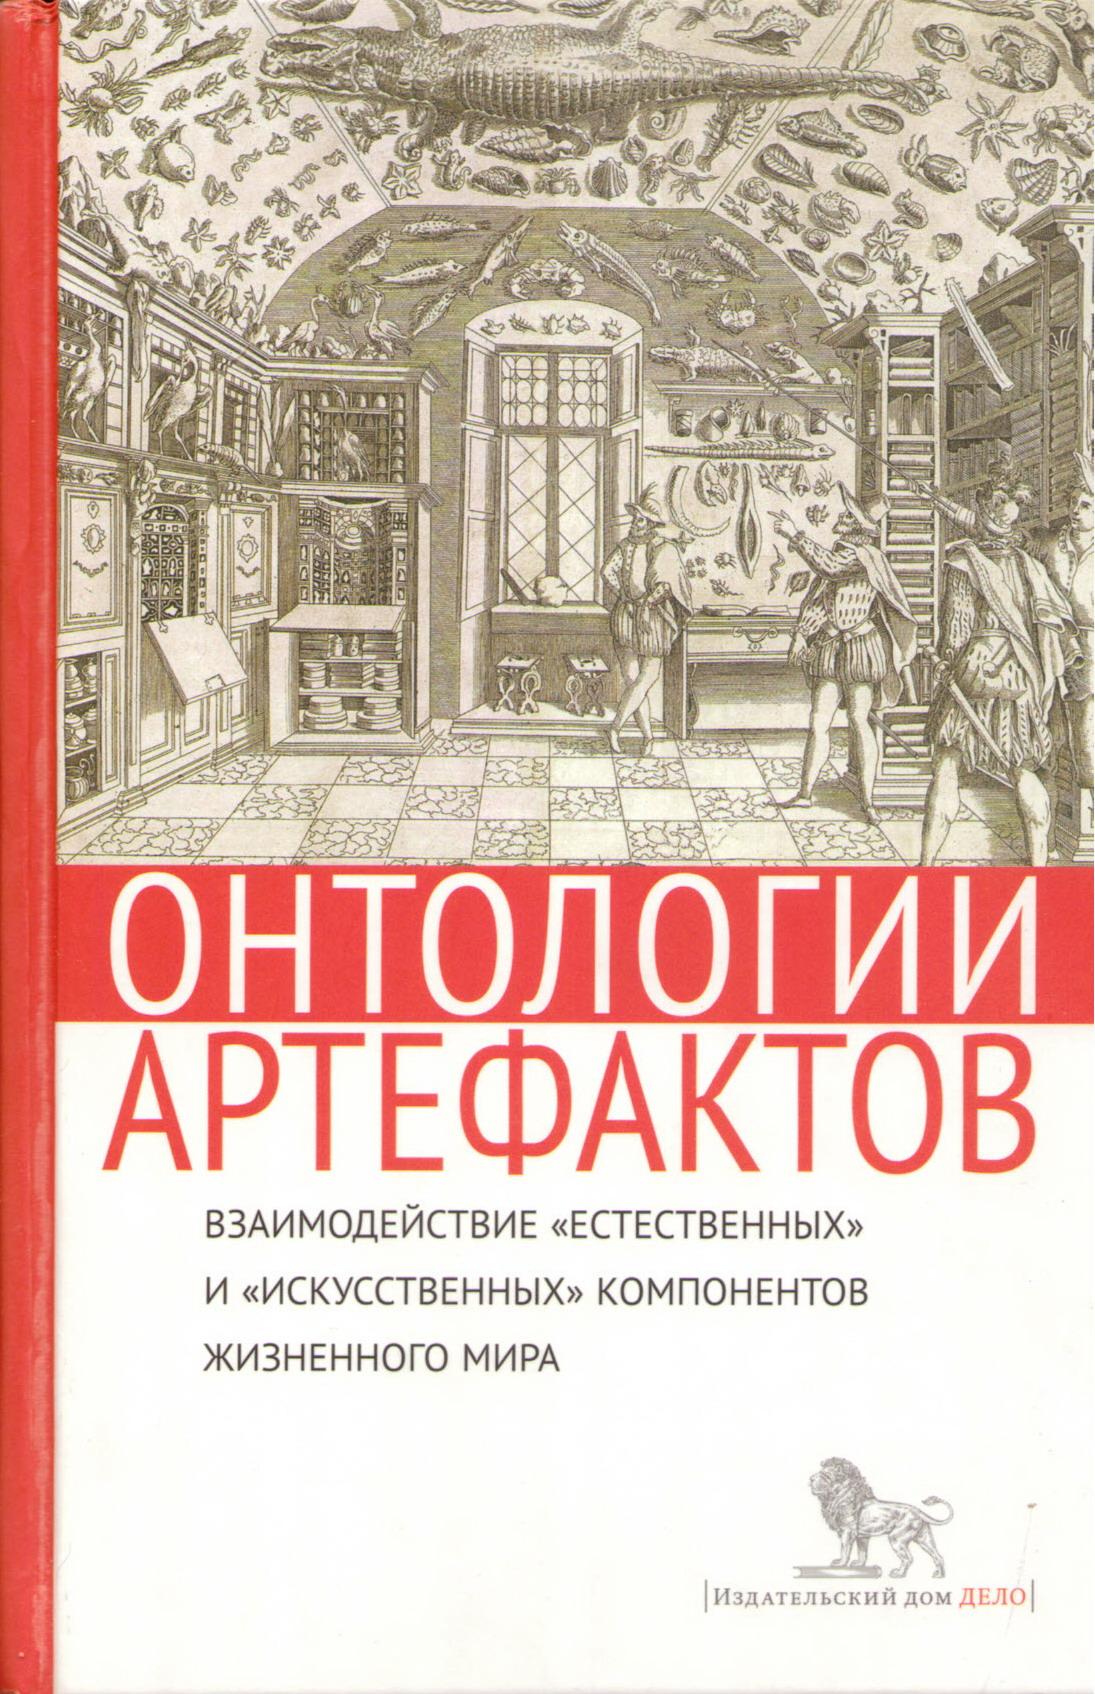 Онтологии артефактов: взаимодействие «естественных» и «искусственных» компонентов жизненного мира